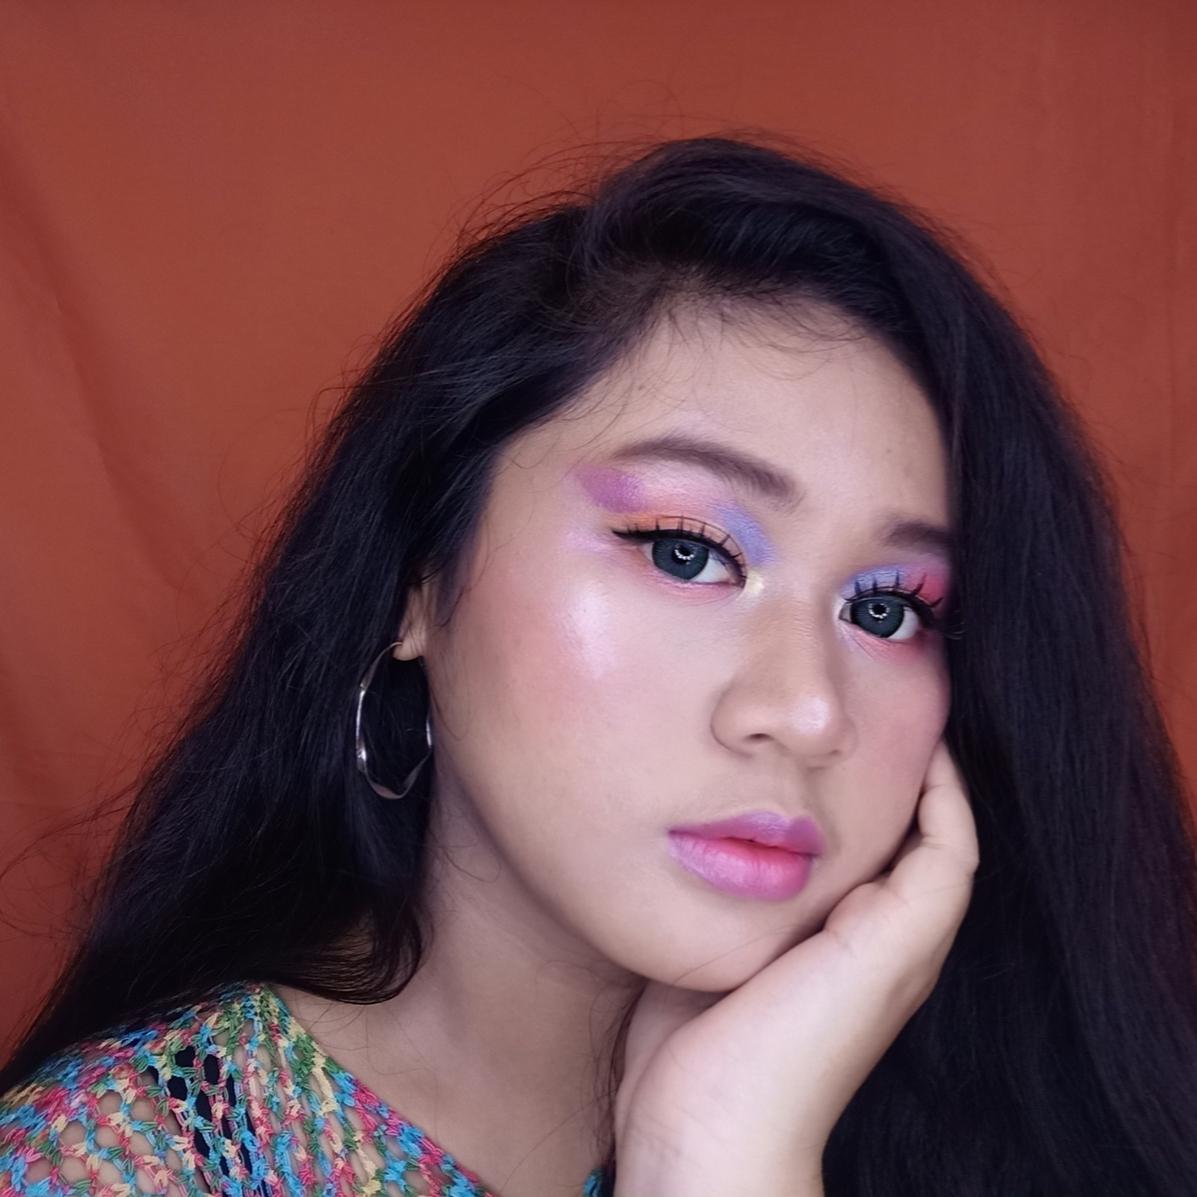 Putri_Annisa